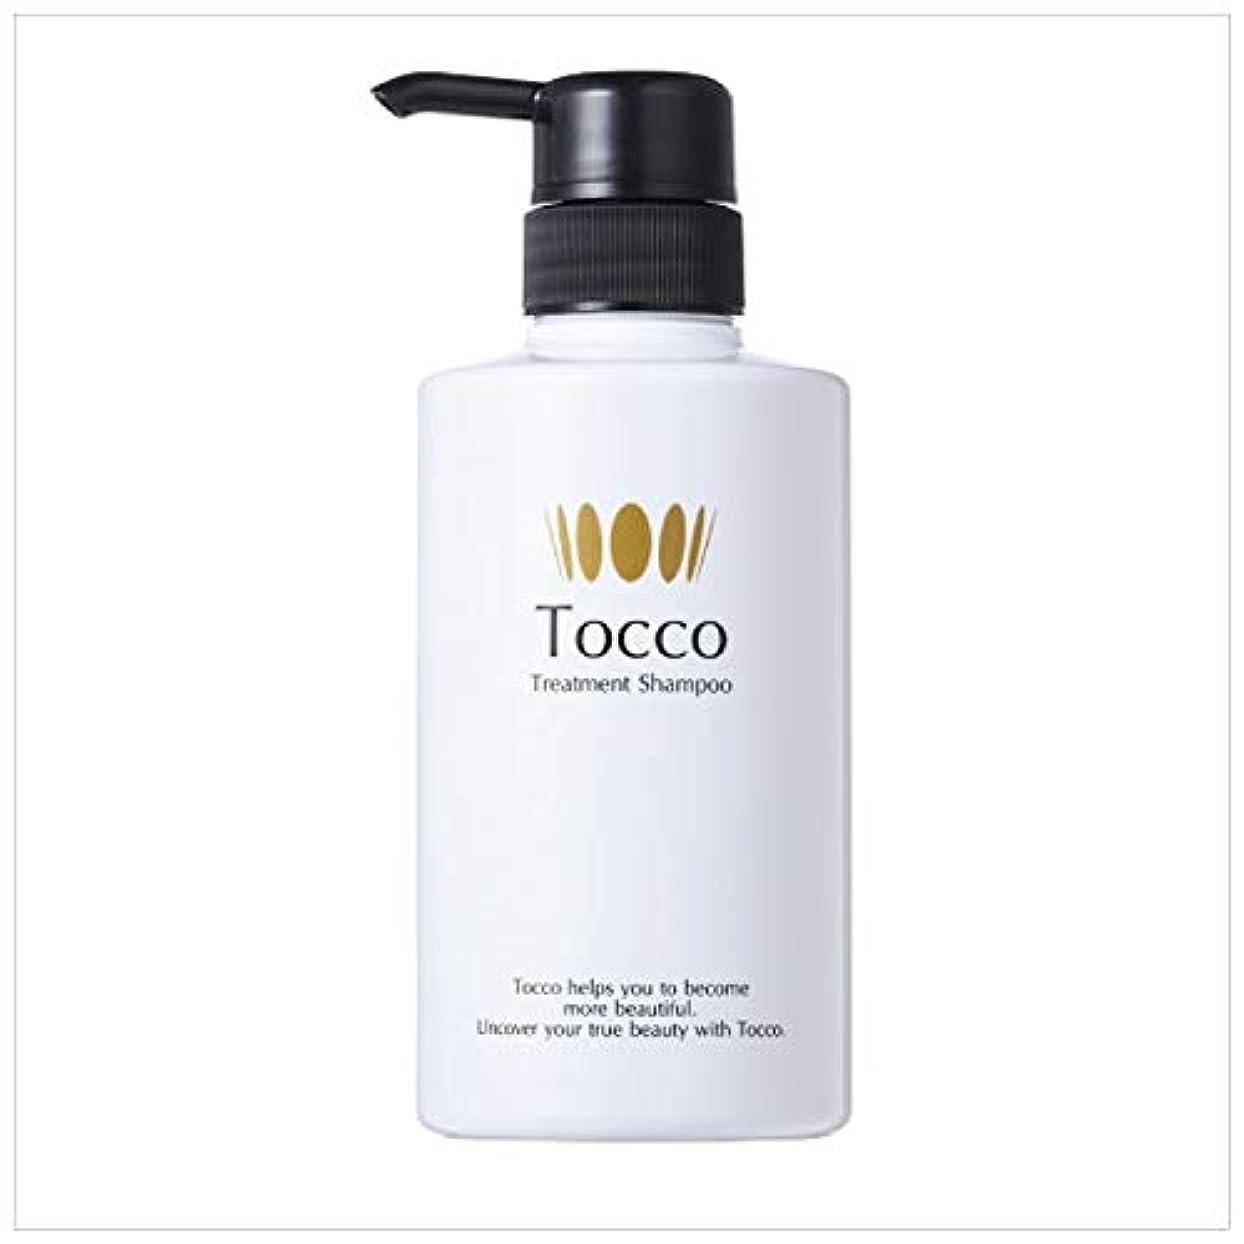 吸収剤デコラティブノミネートTocco トリートメントシャンプー 400ml